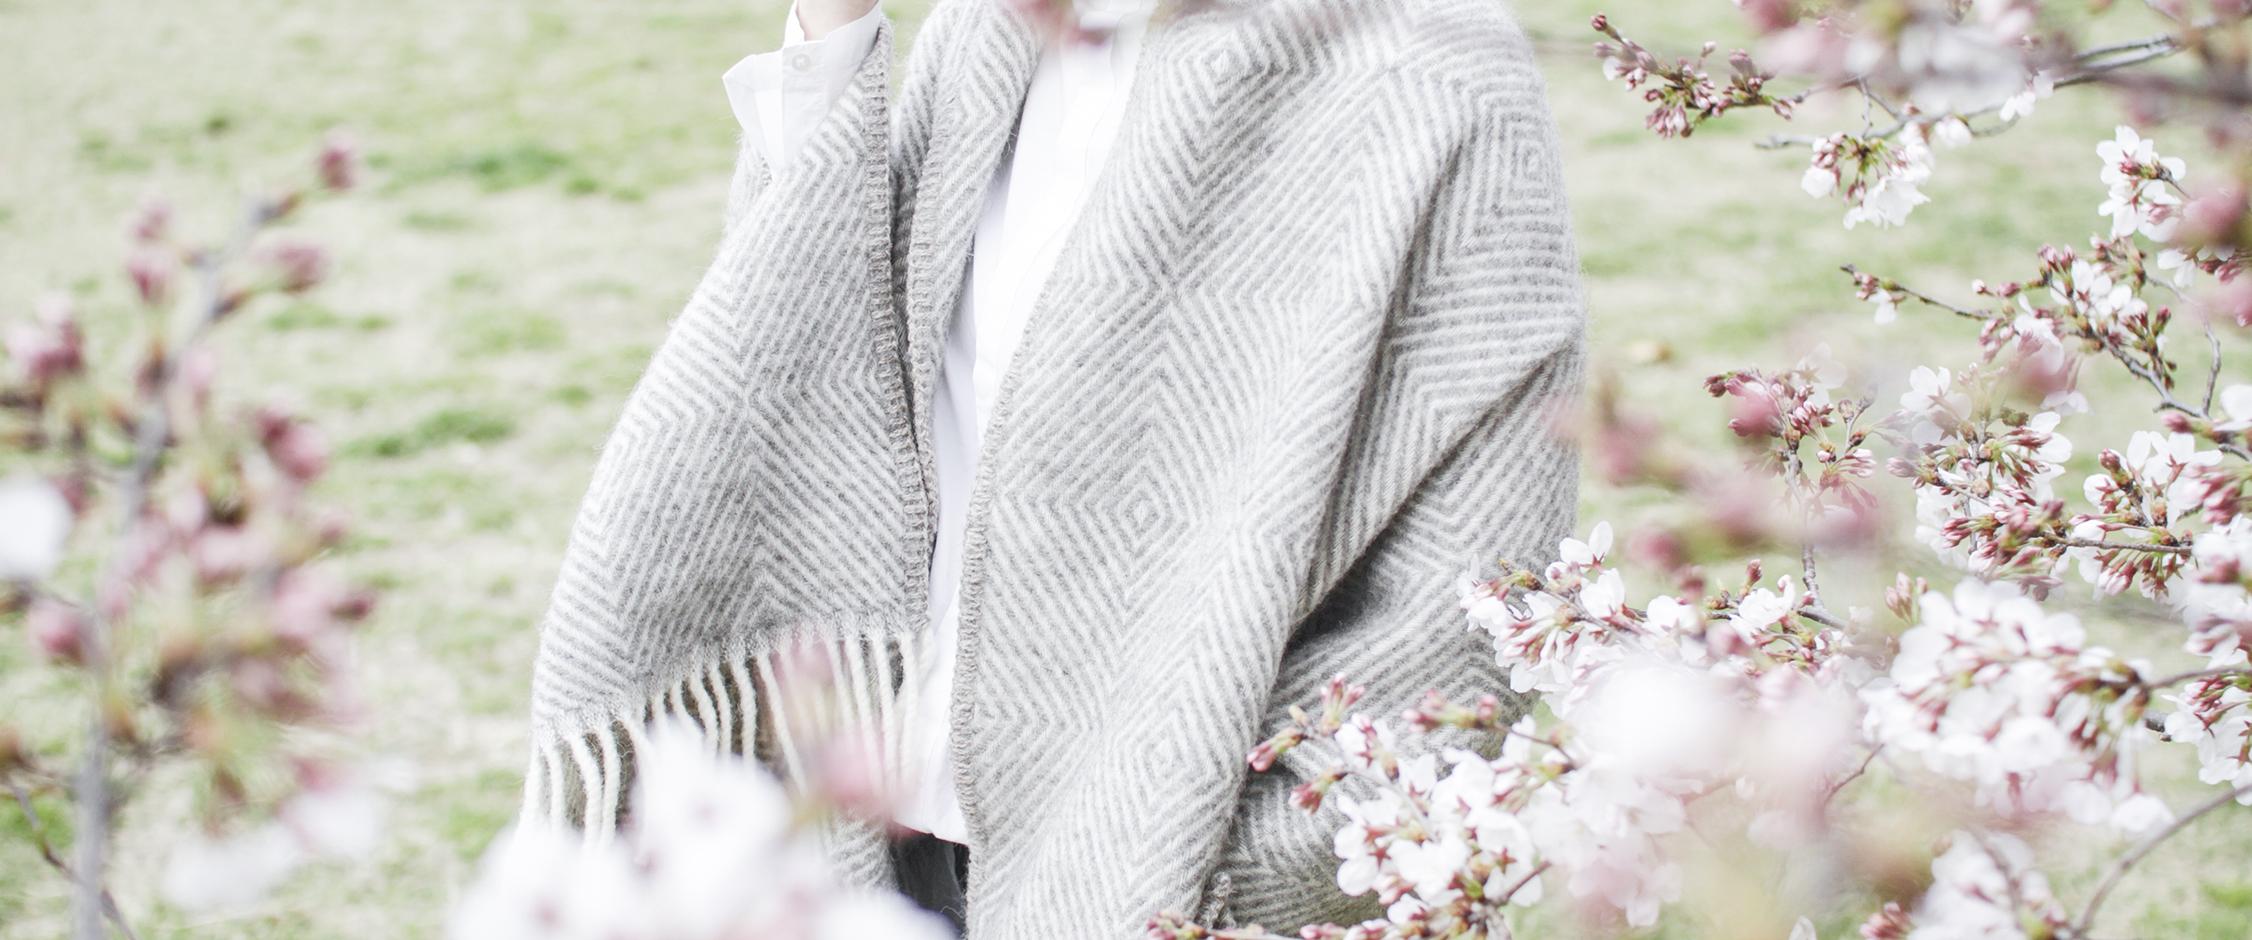 春も一緒、ポケットショールのイメージ画像